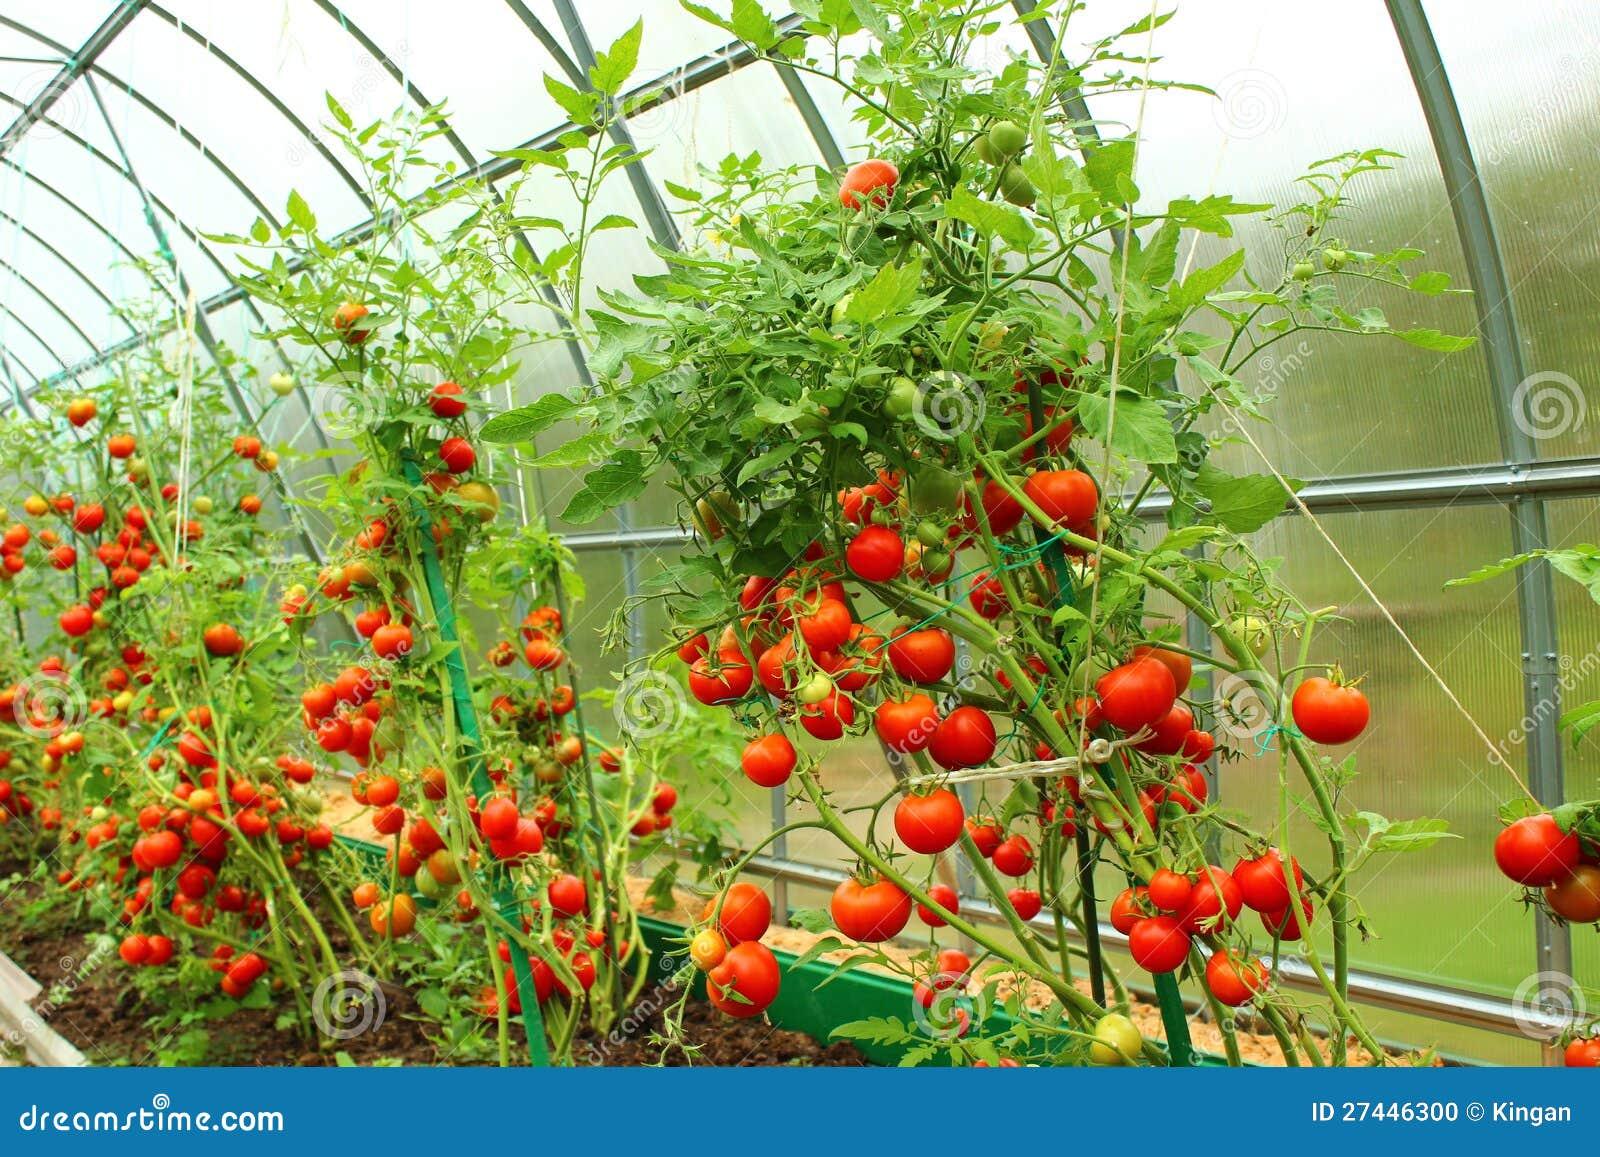 红色蕃茄自温室